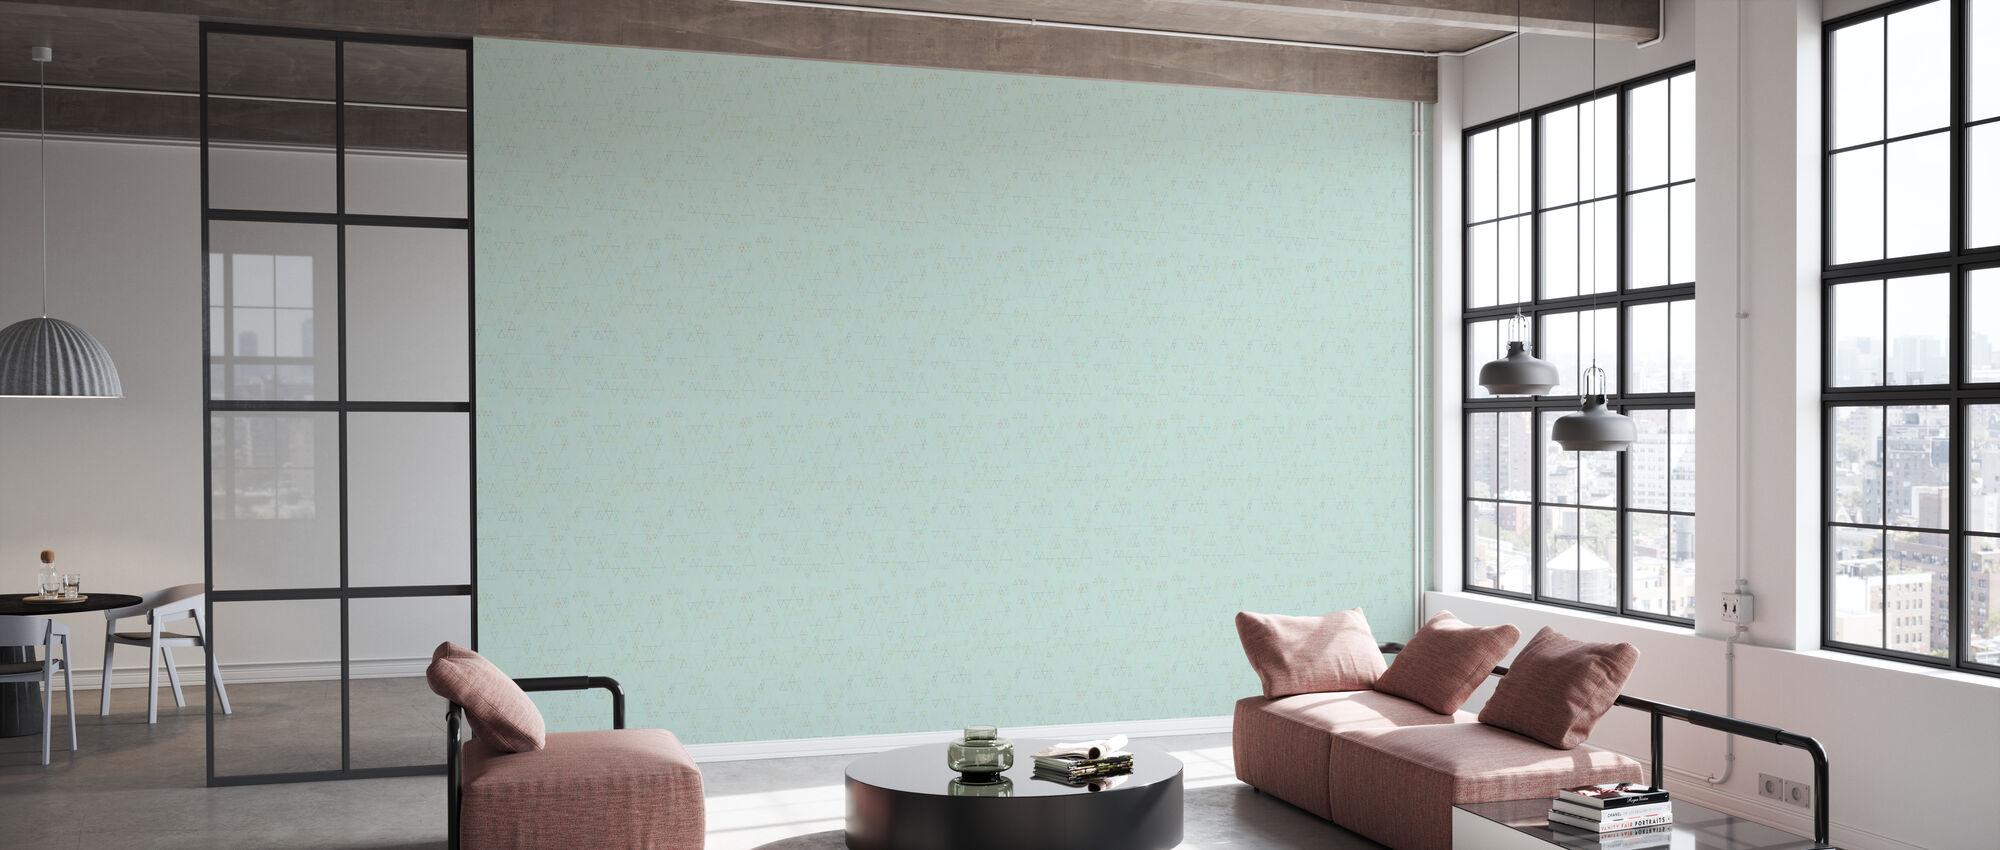 Retroline Mint - Wallpaper - Office